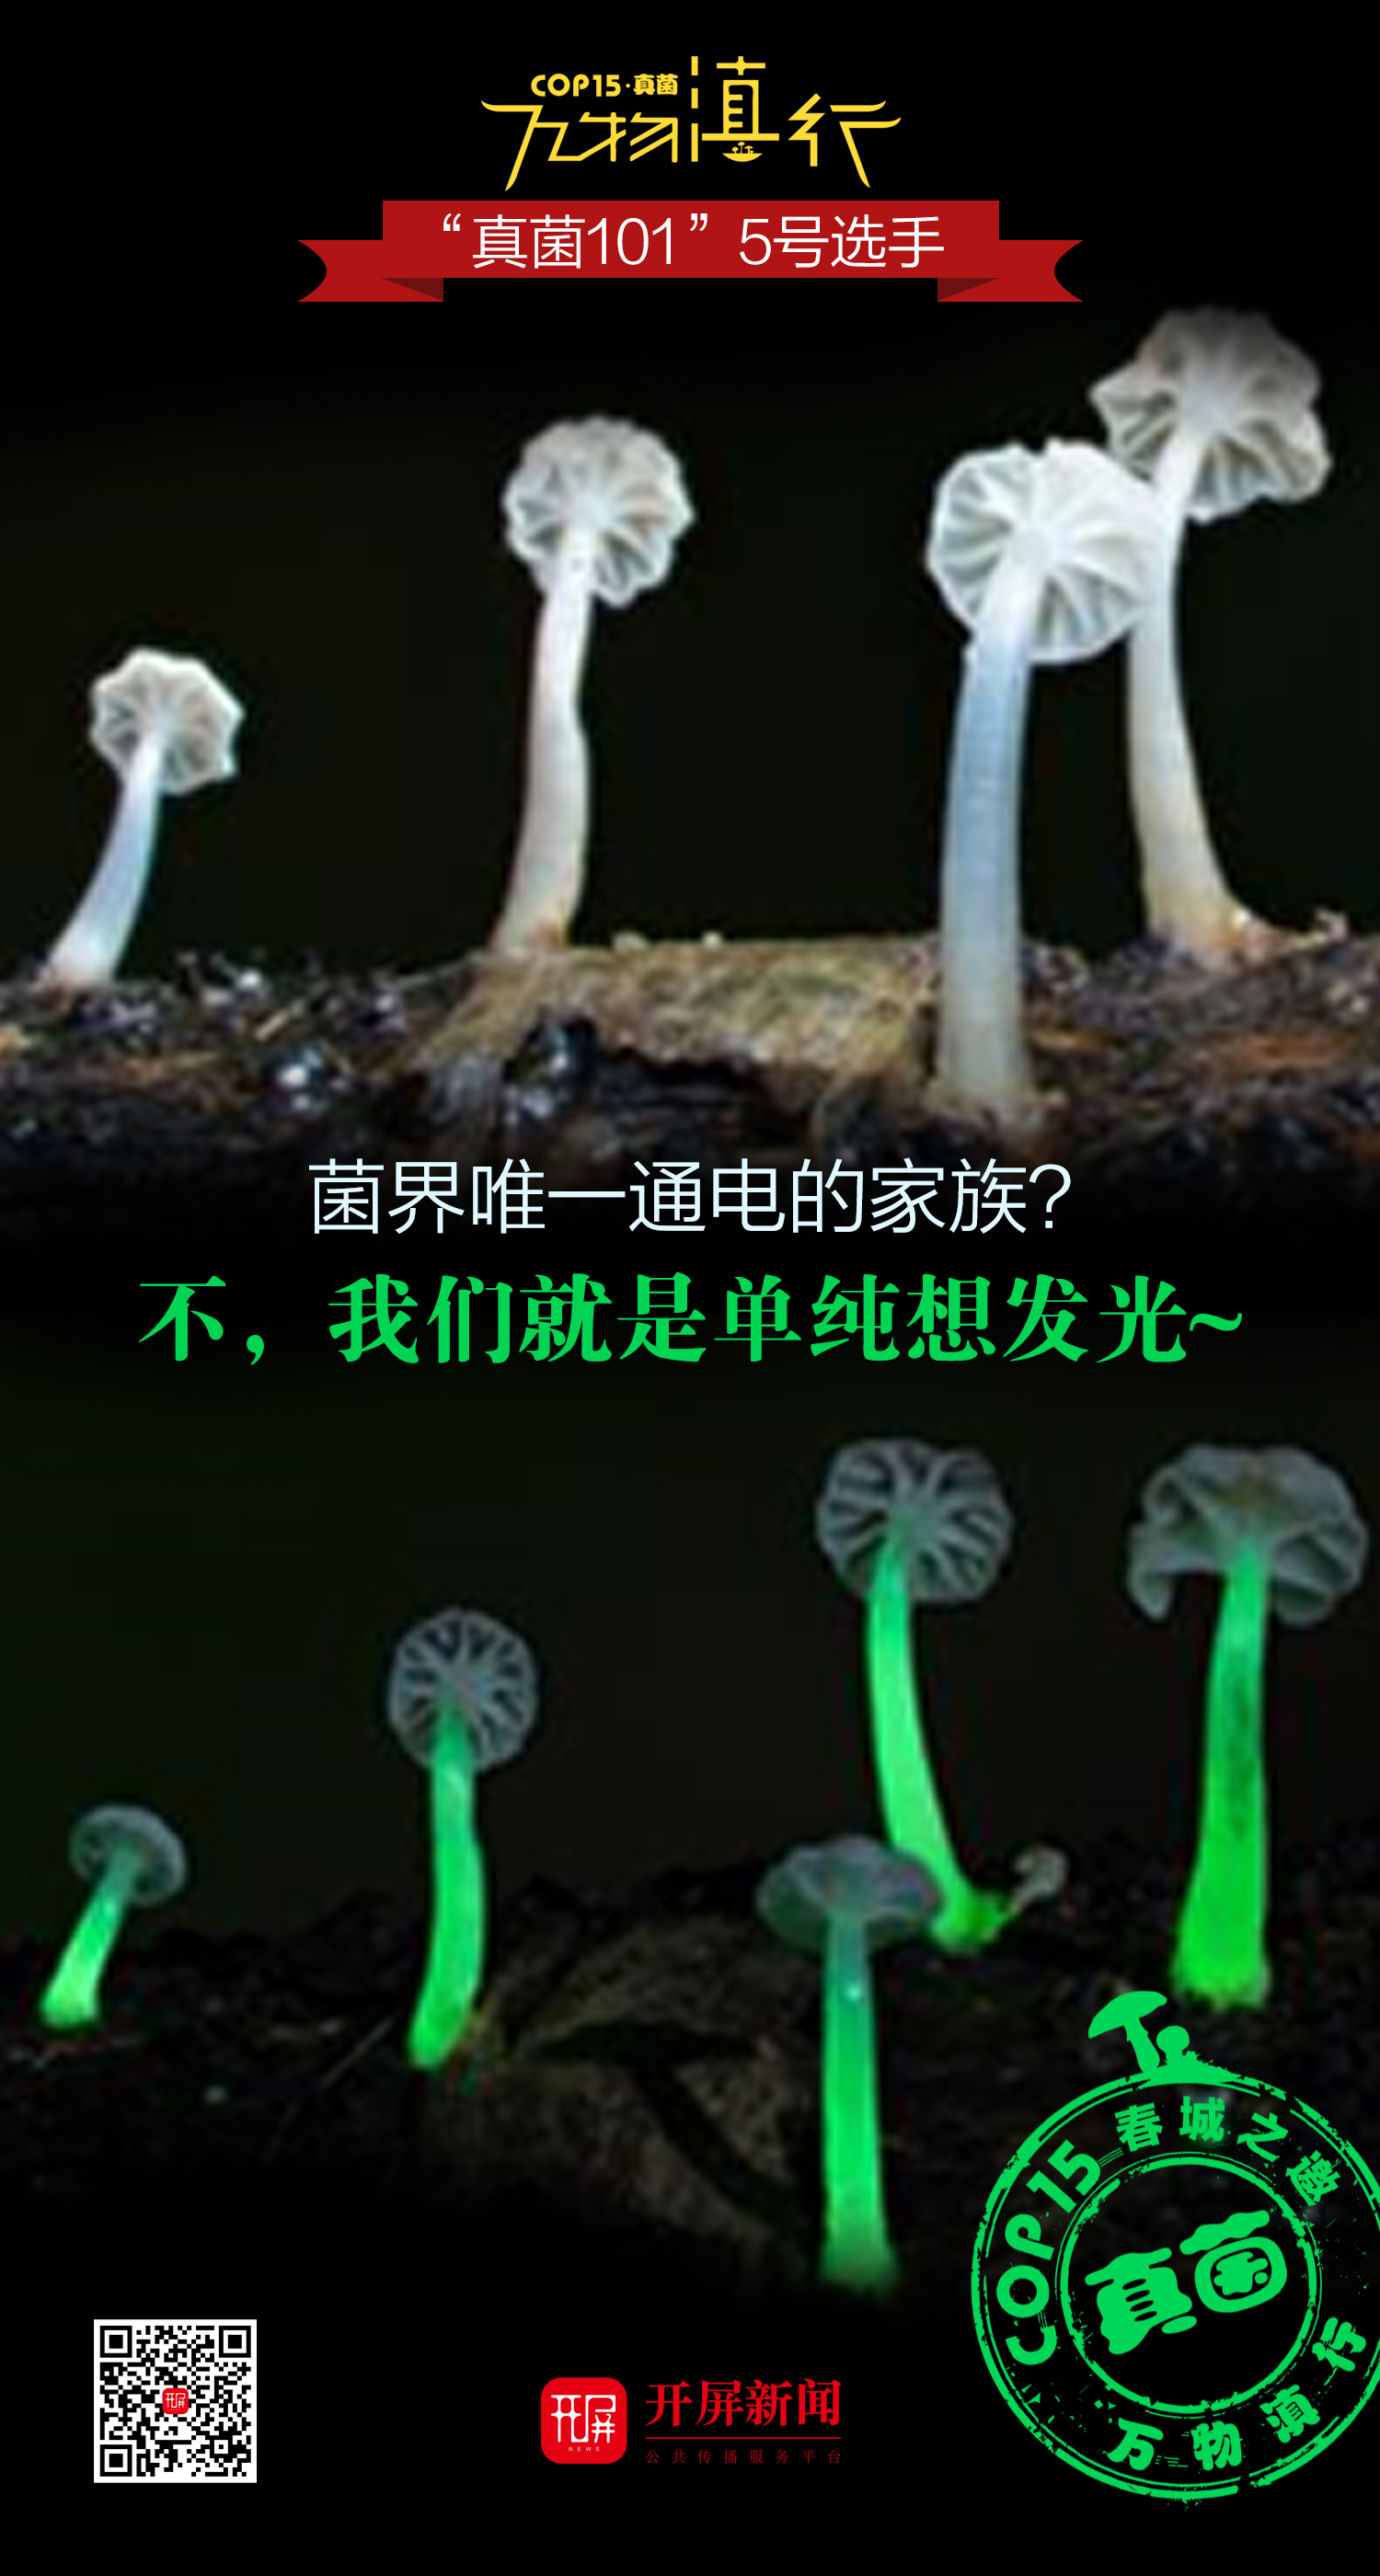 【万物滇行】真菌篇——发光蘑菇海报.jpg